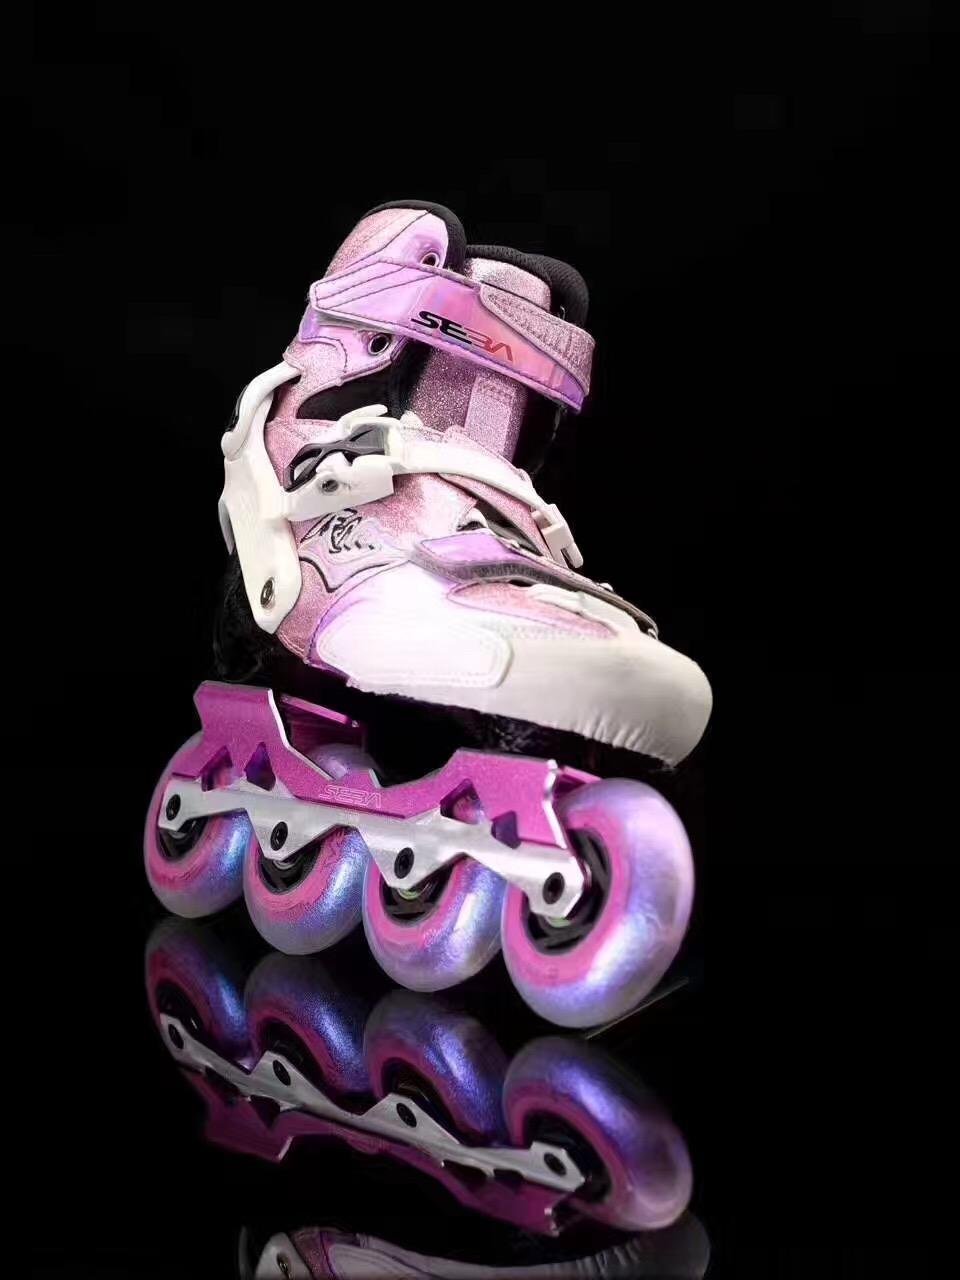 臺江米高輪滑|福建專業的KSJ-J兒童碳纖平花鞋供應